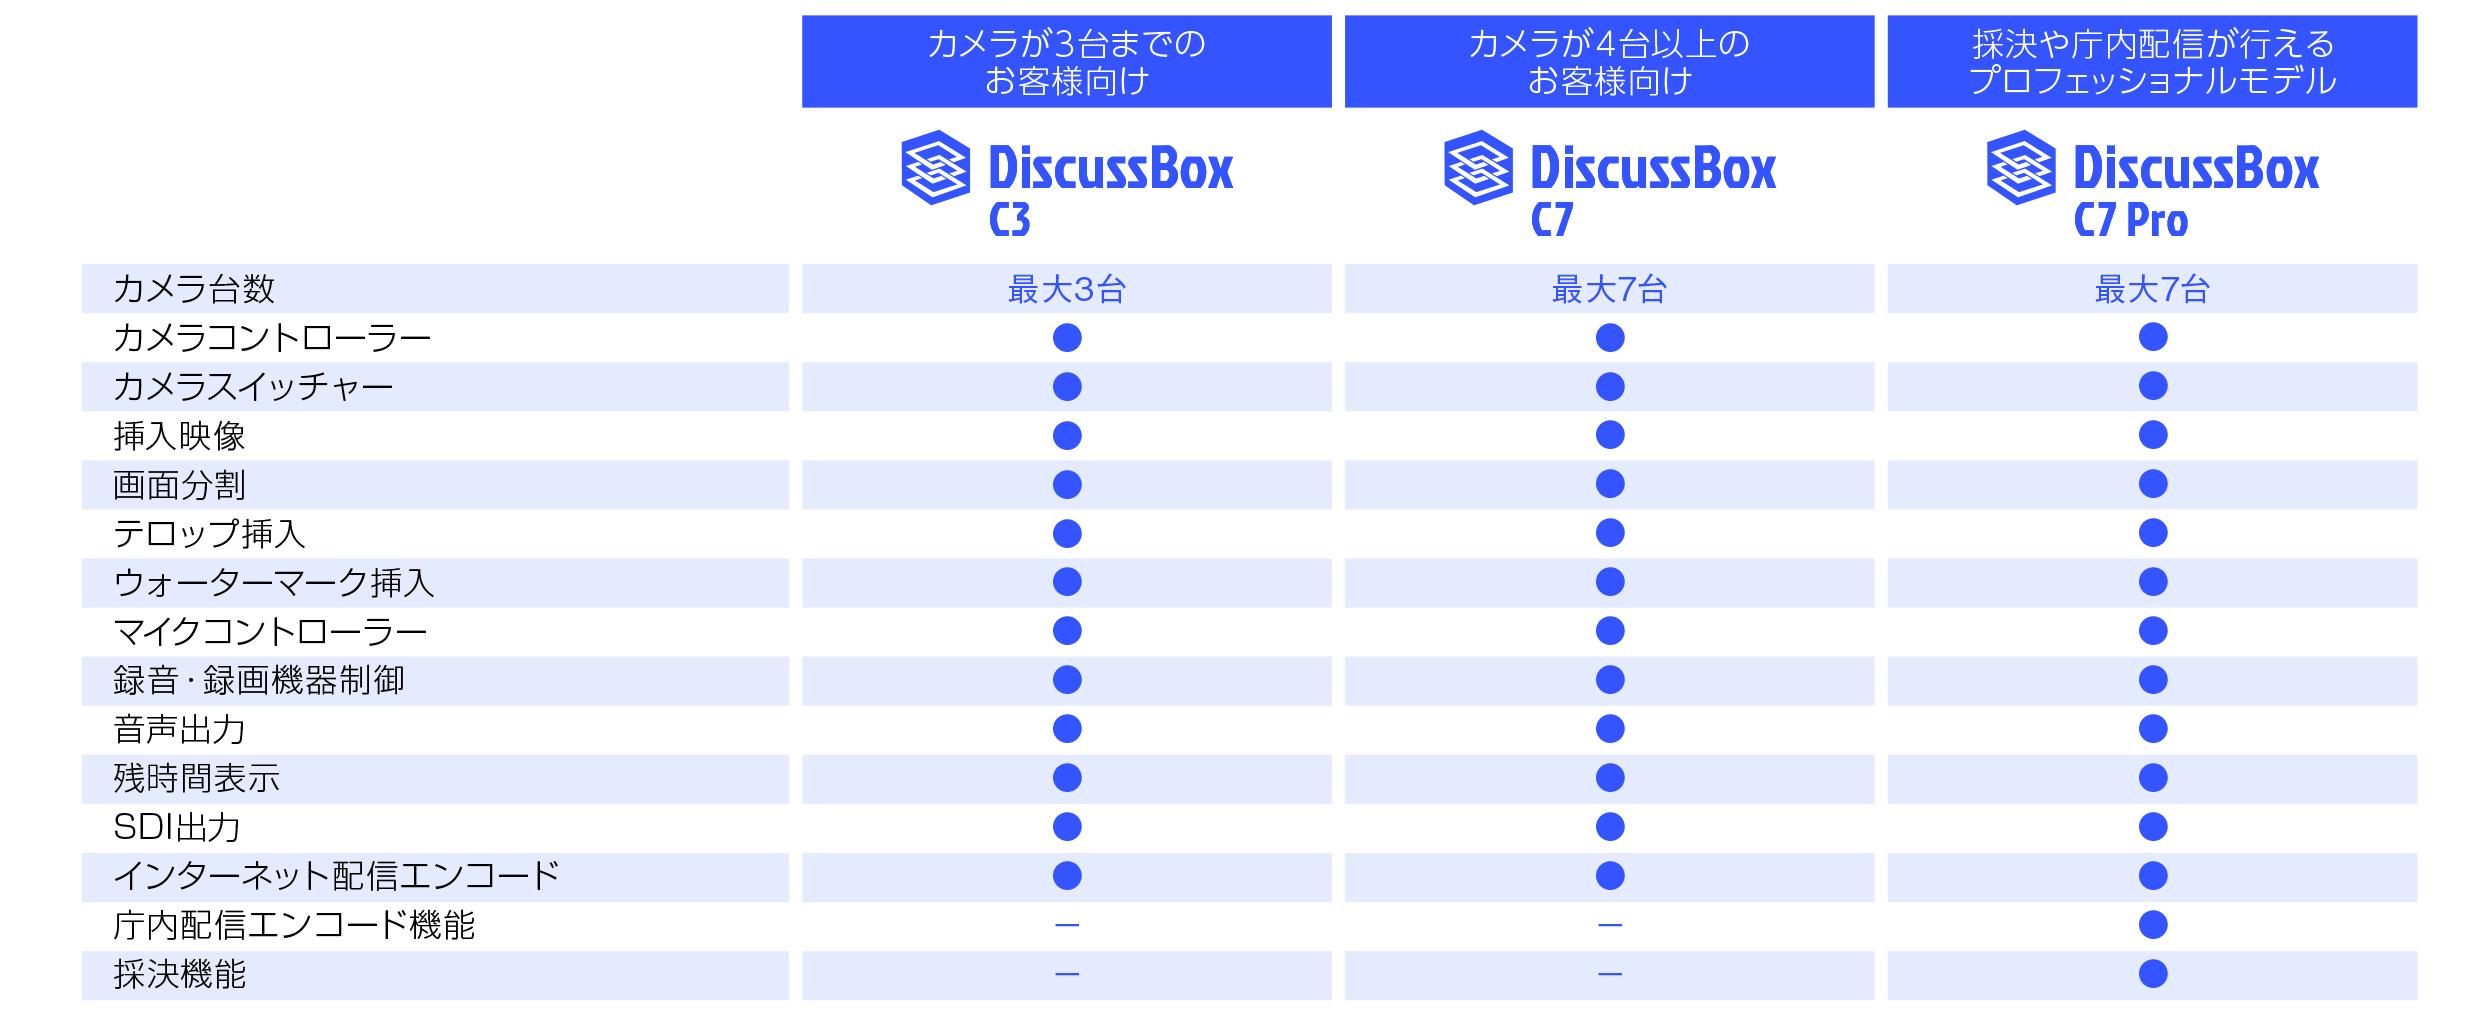 タッチパネル画面のインターフェイス詳細